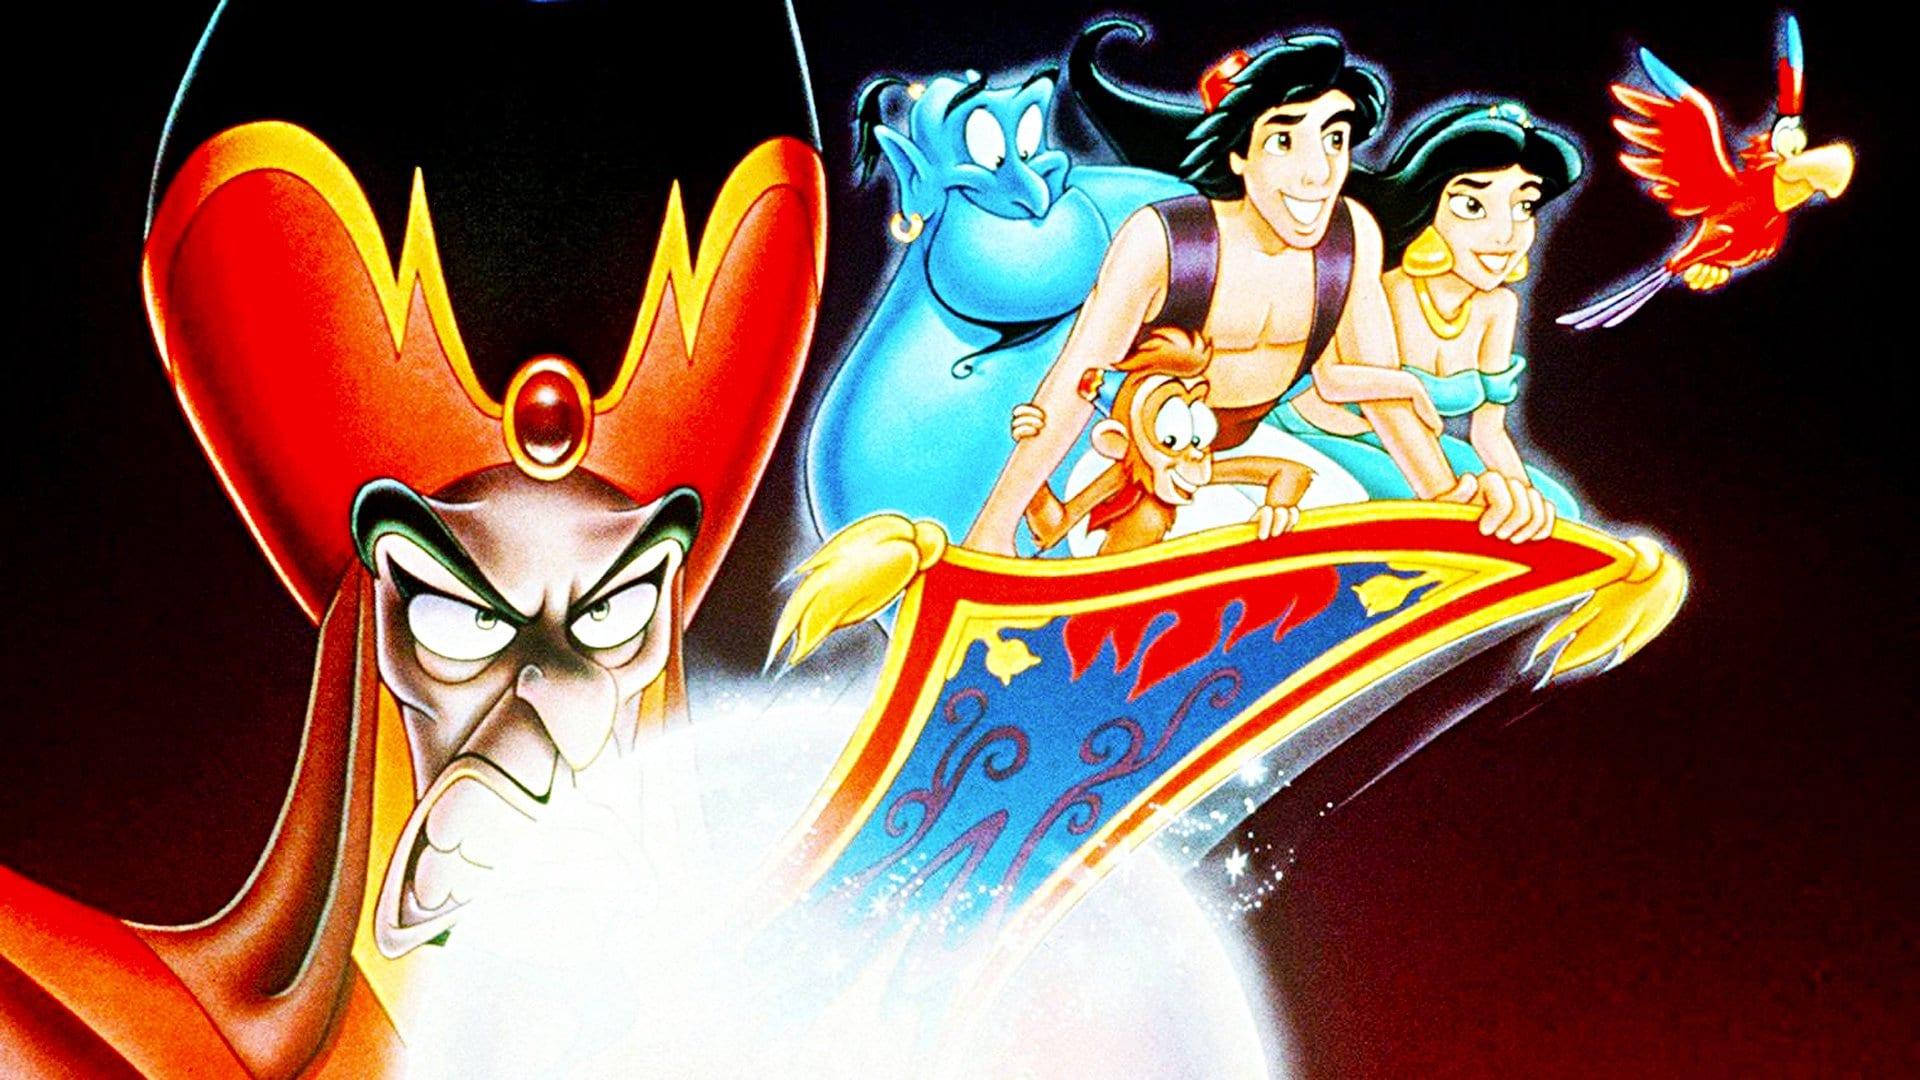 Regarder Le Retour de Jafar en streaming gratuit